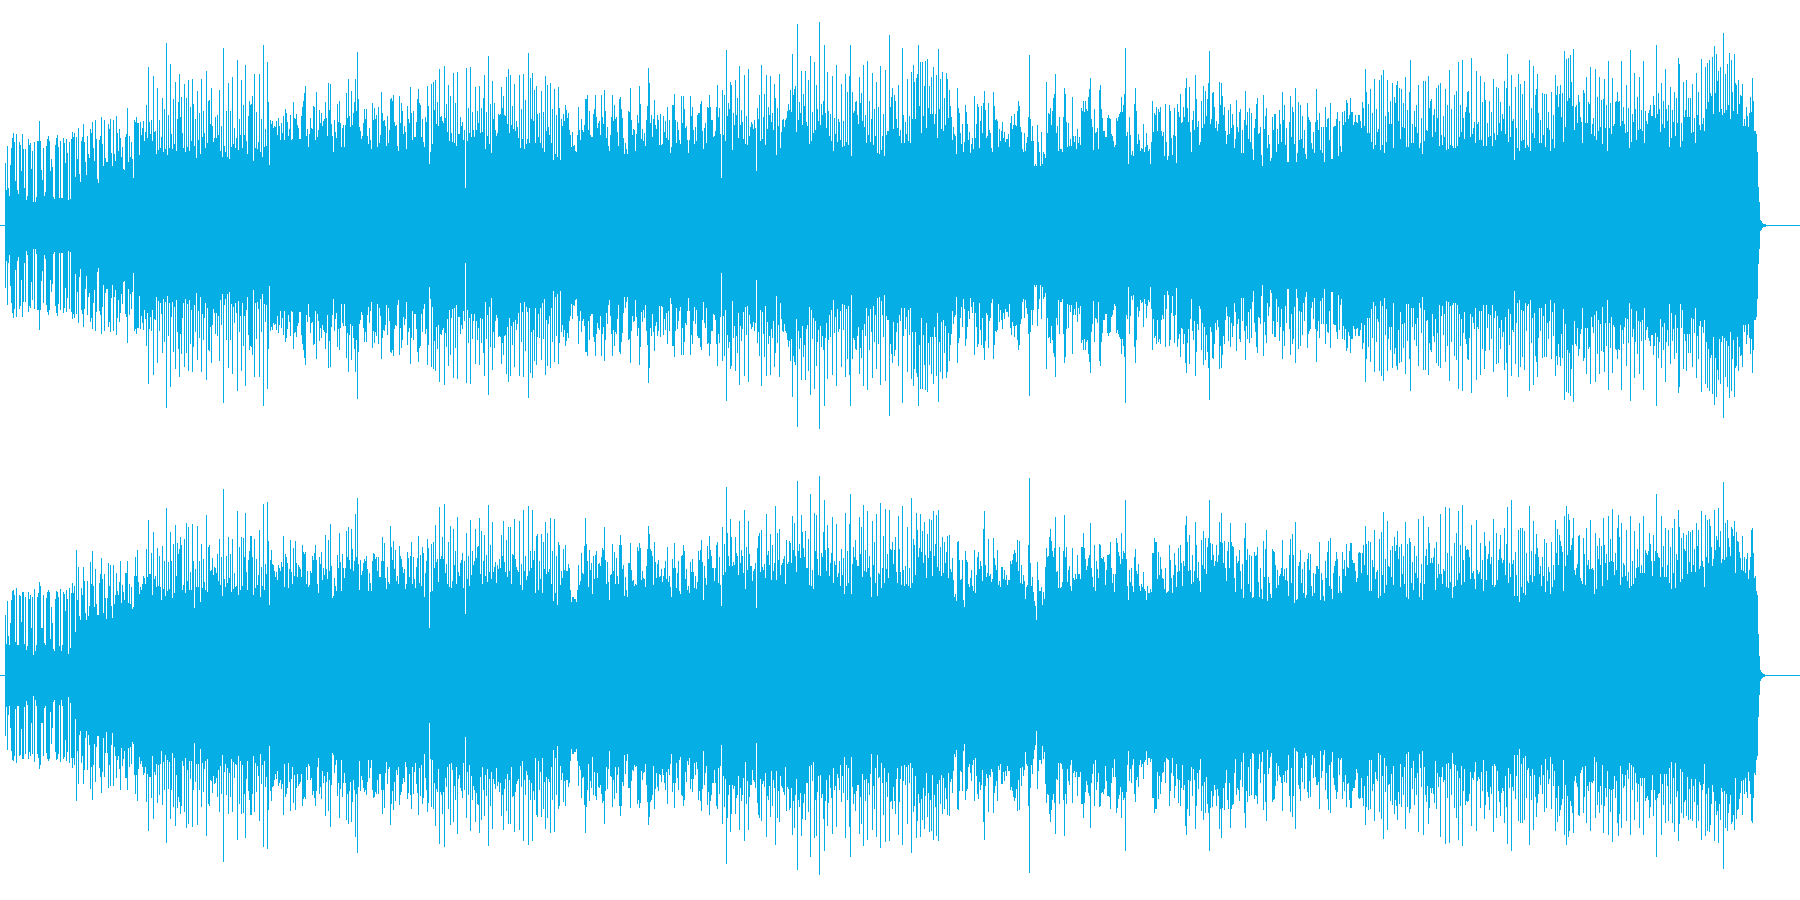 レースゲームに最適な疾走系メタル楽曲の再生済みの波形